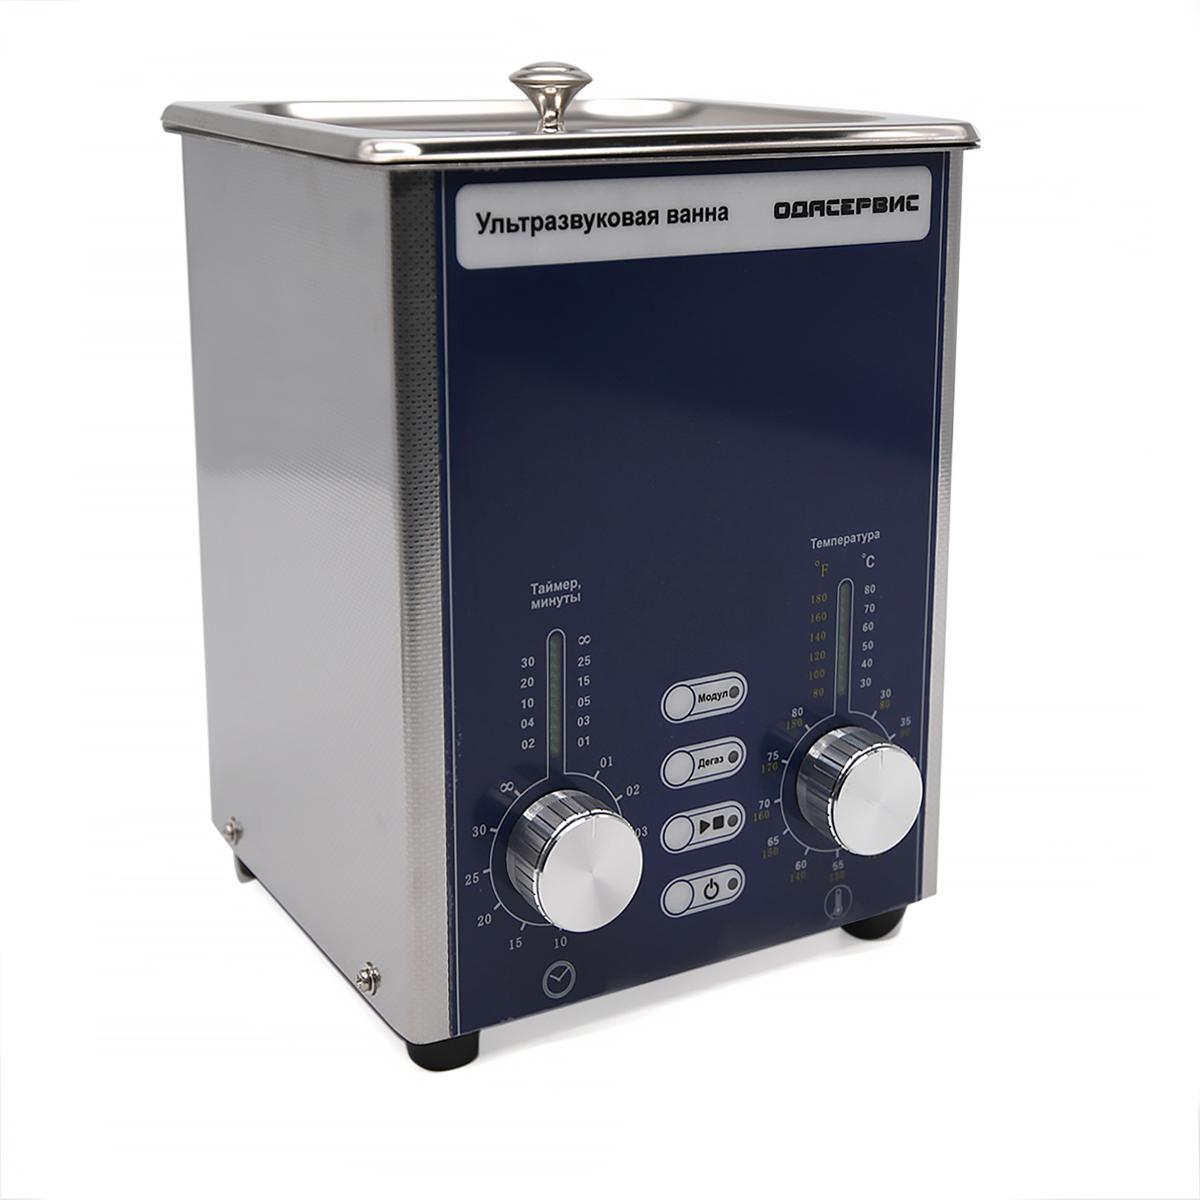 Ультразвуковая ванна с аналоговым управлением, подогревом, дегазацией и модуляцией 1.3 л О...